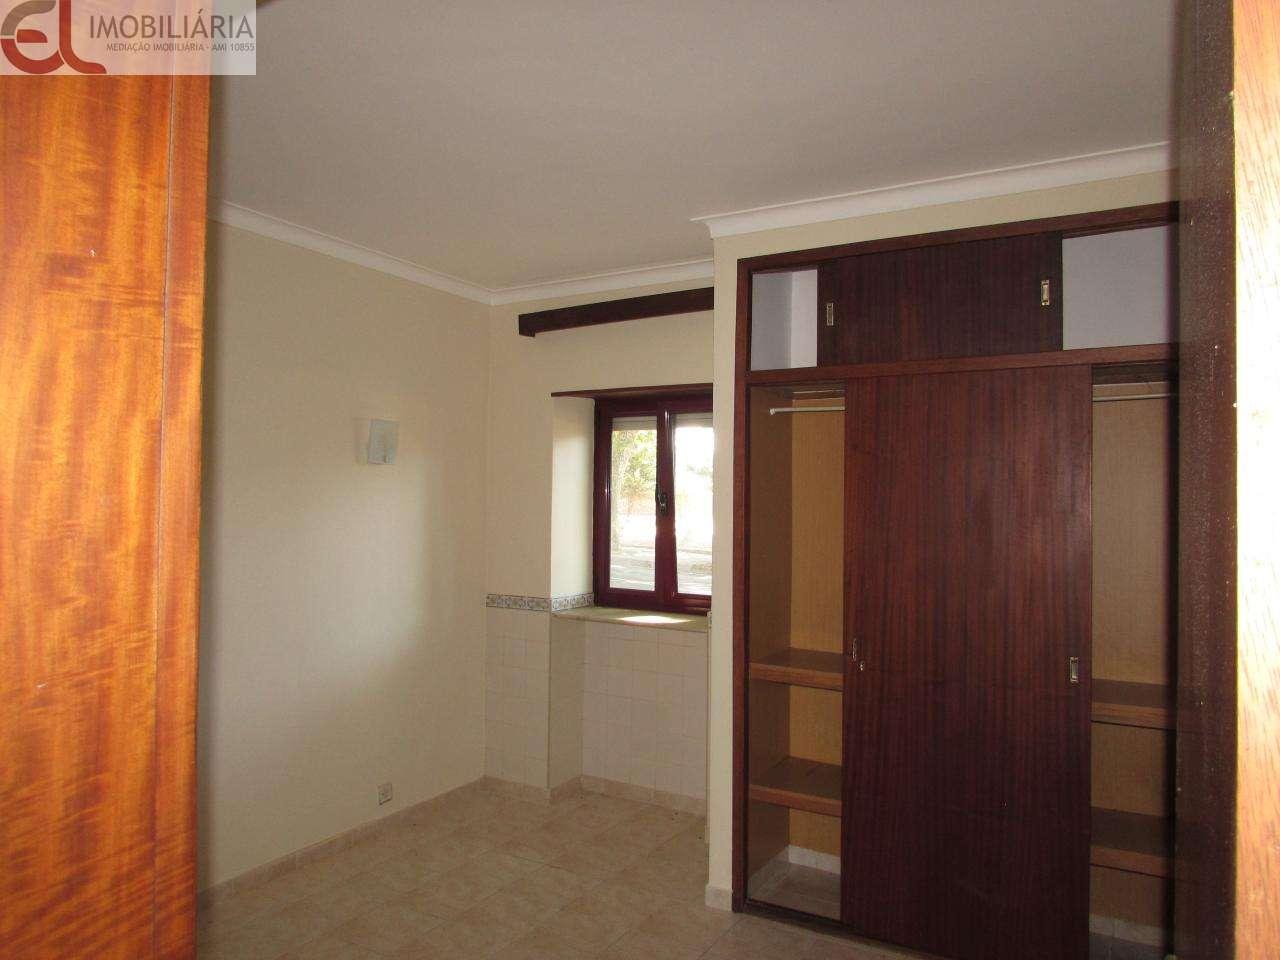 Apartamento para arrendar, Darque, Viana do Castelo - Foto 2